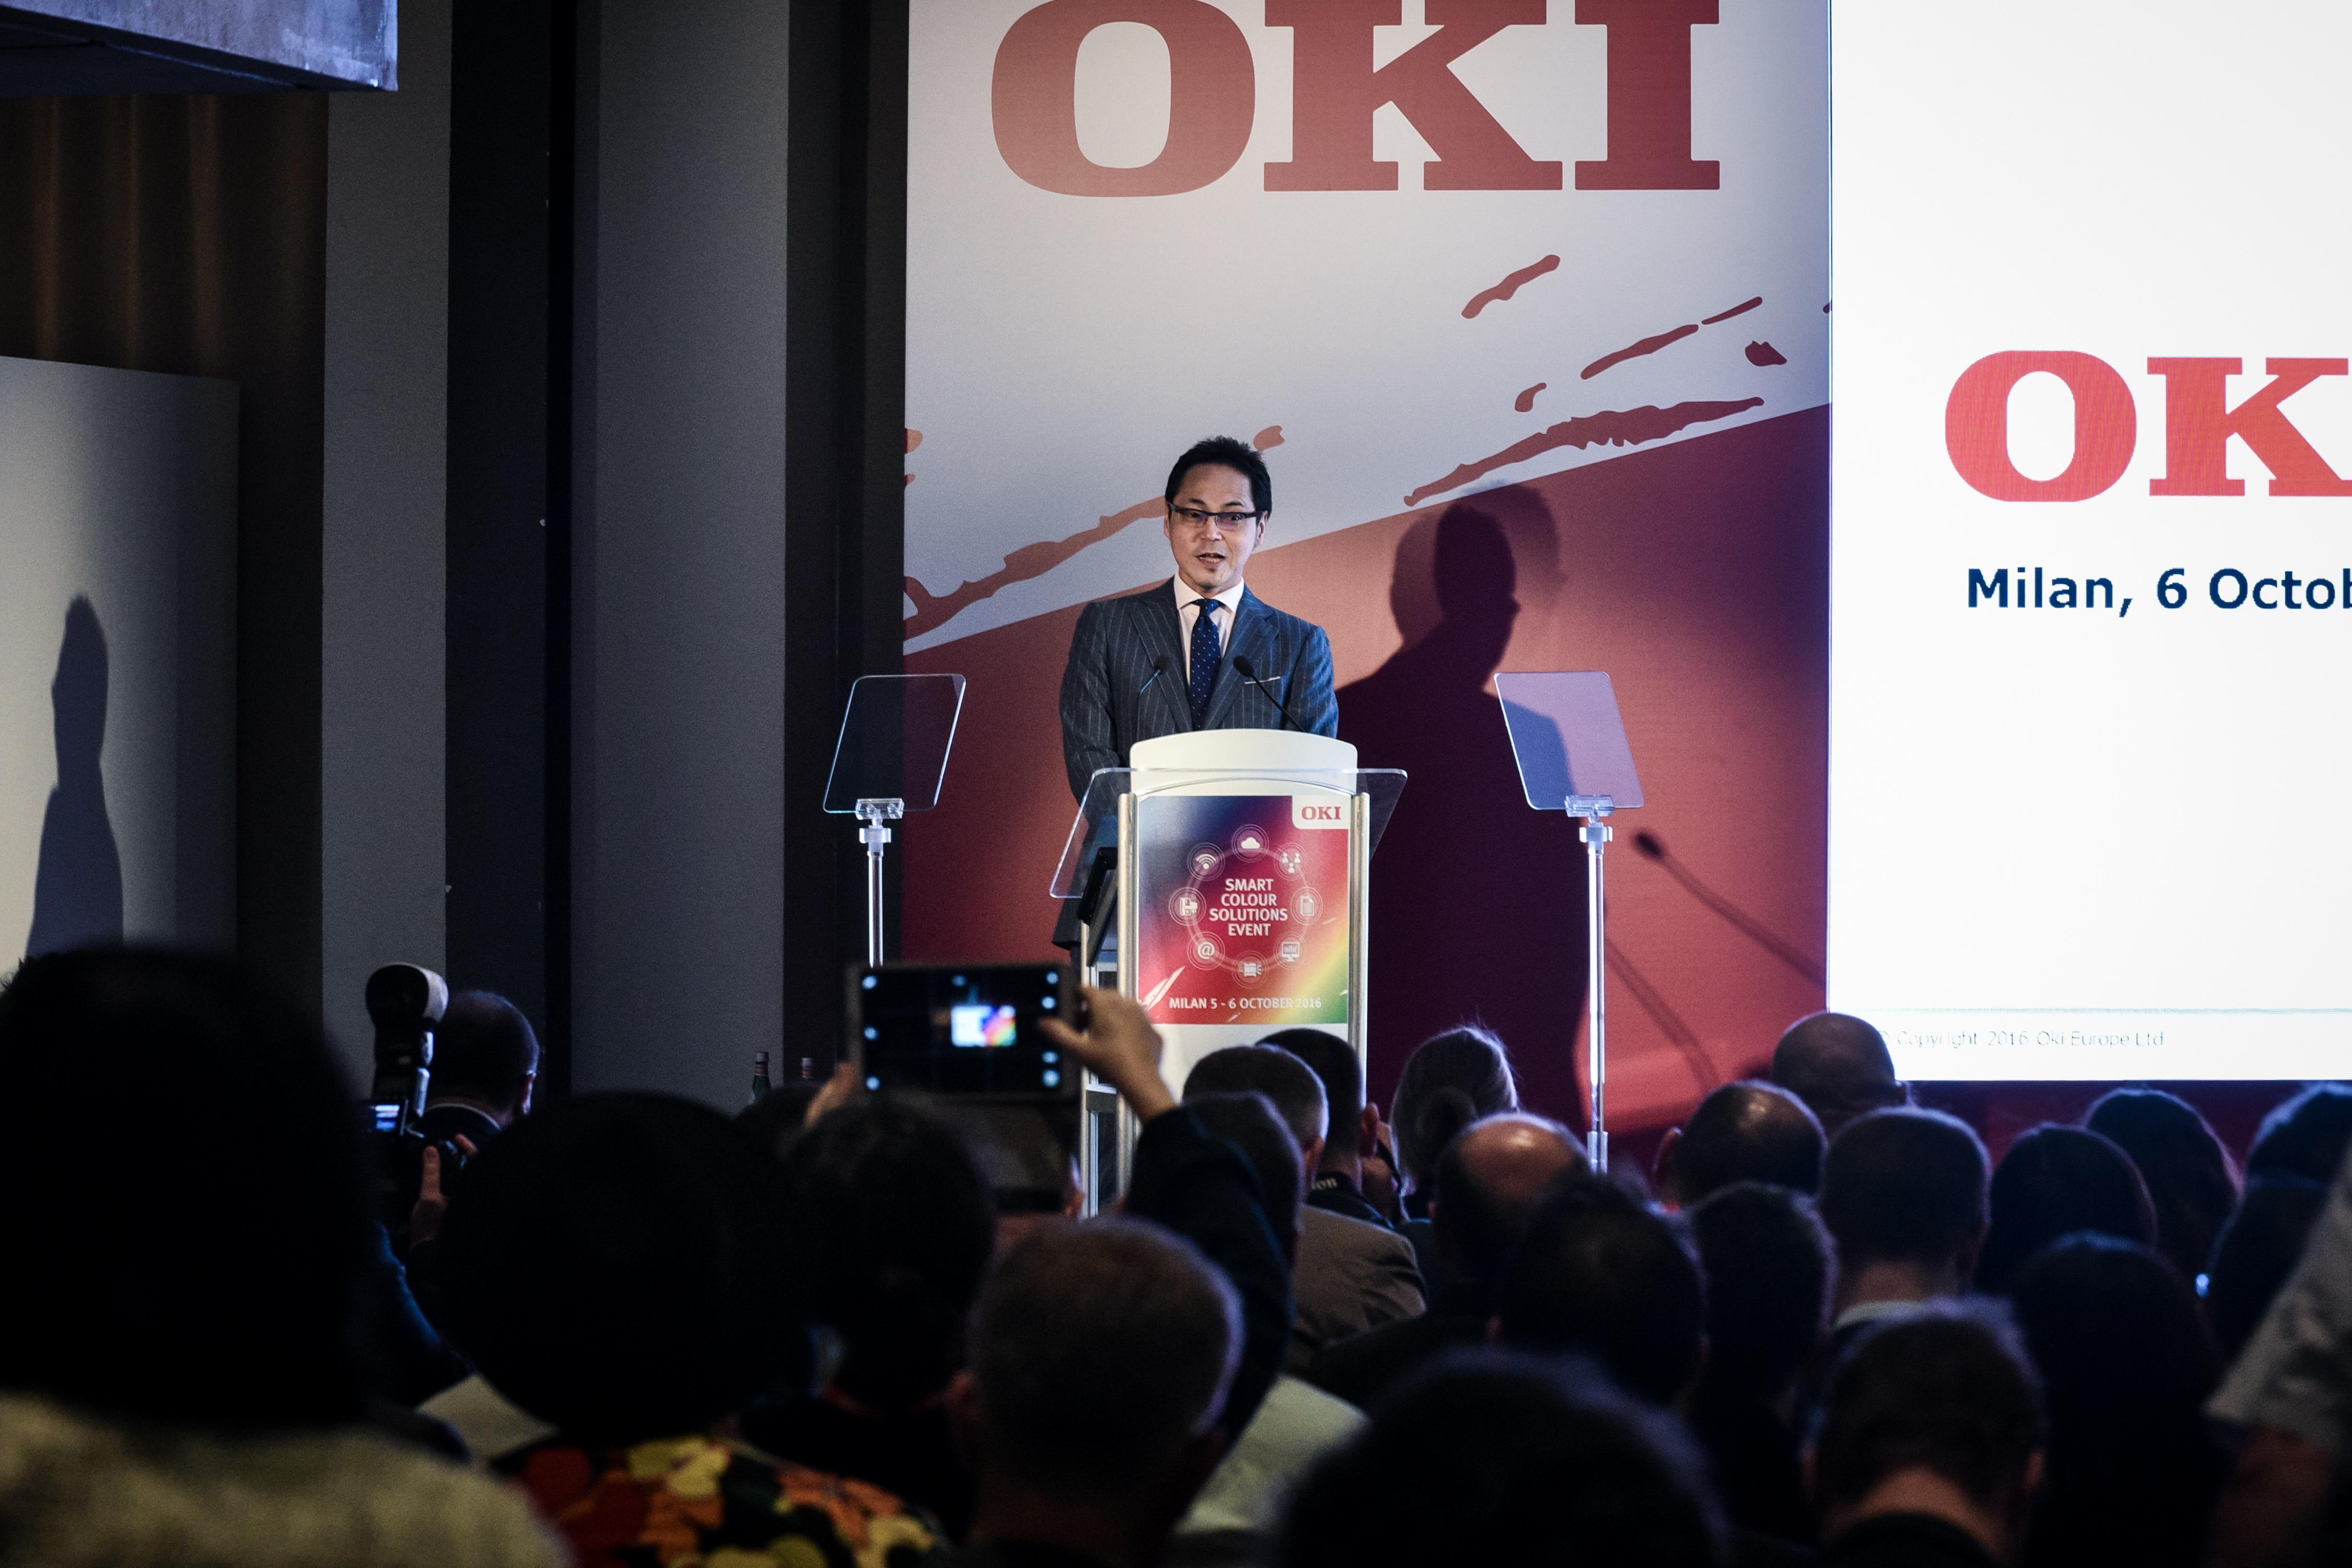 Terry Kawashima, amministratore delegato Emea di Oki